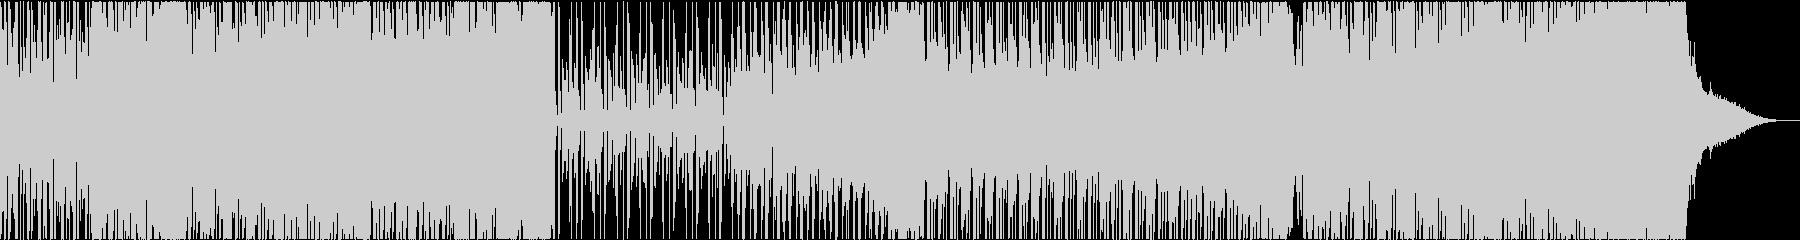 ラテン 情熱 ヒットチャート レゲトンの未再生の波形